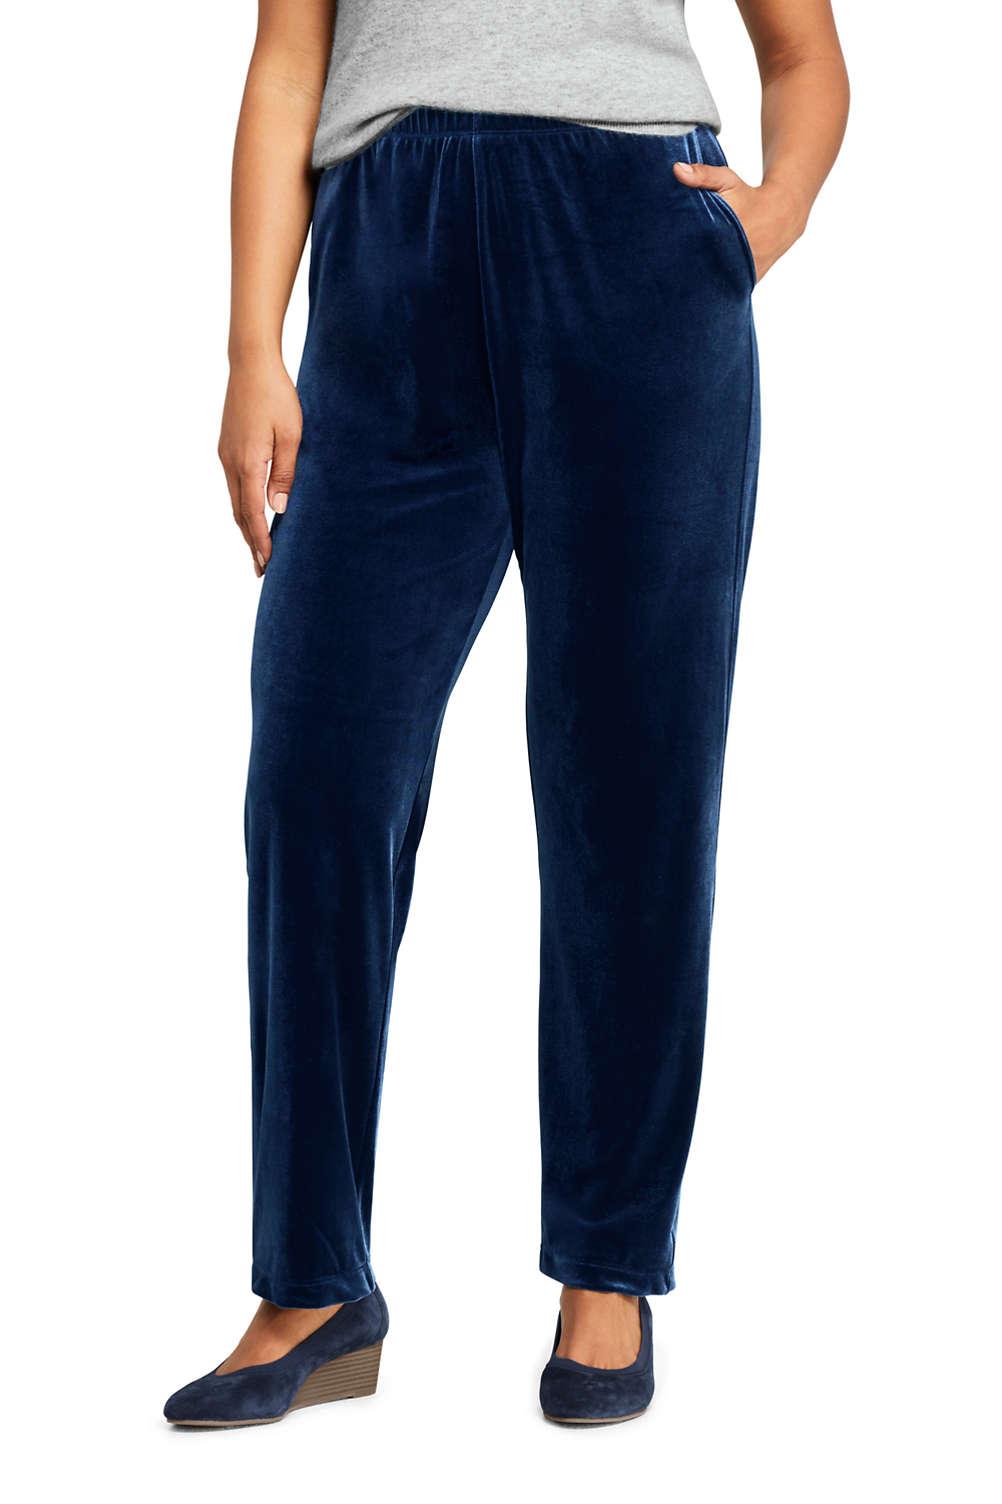 1f6f2256448de Women s Plus Size Petite Sport Knit Elastic Waist Pants High Rise Velvet